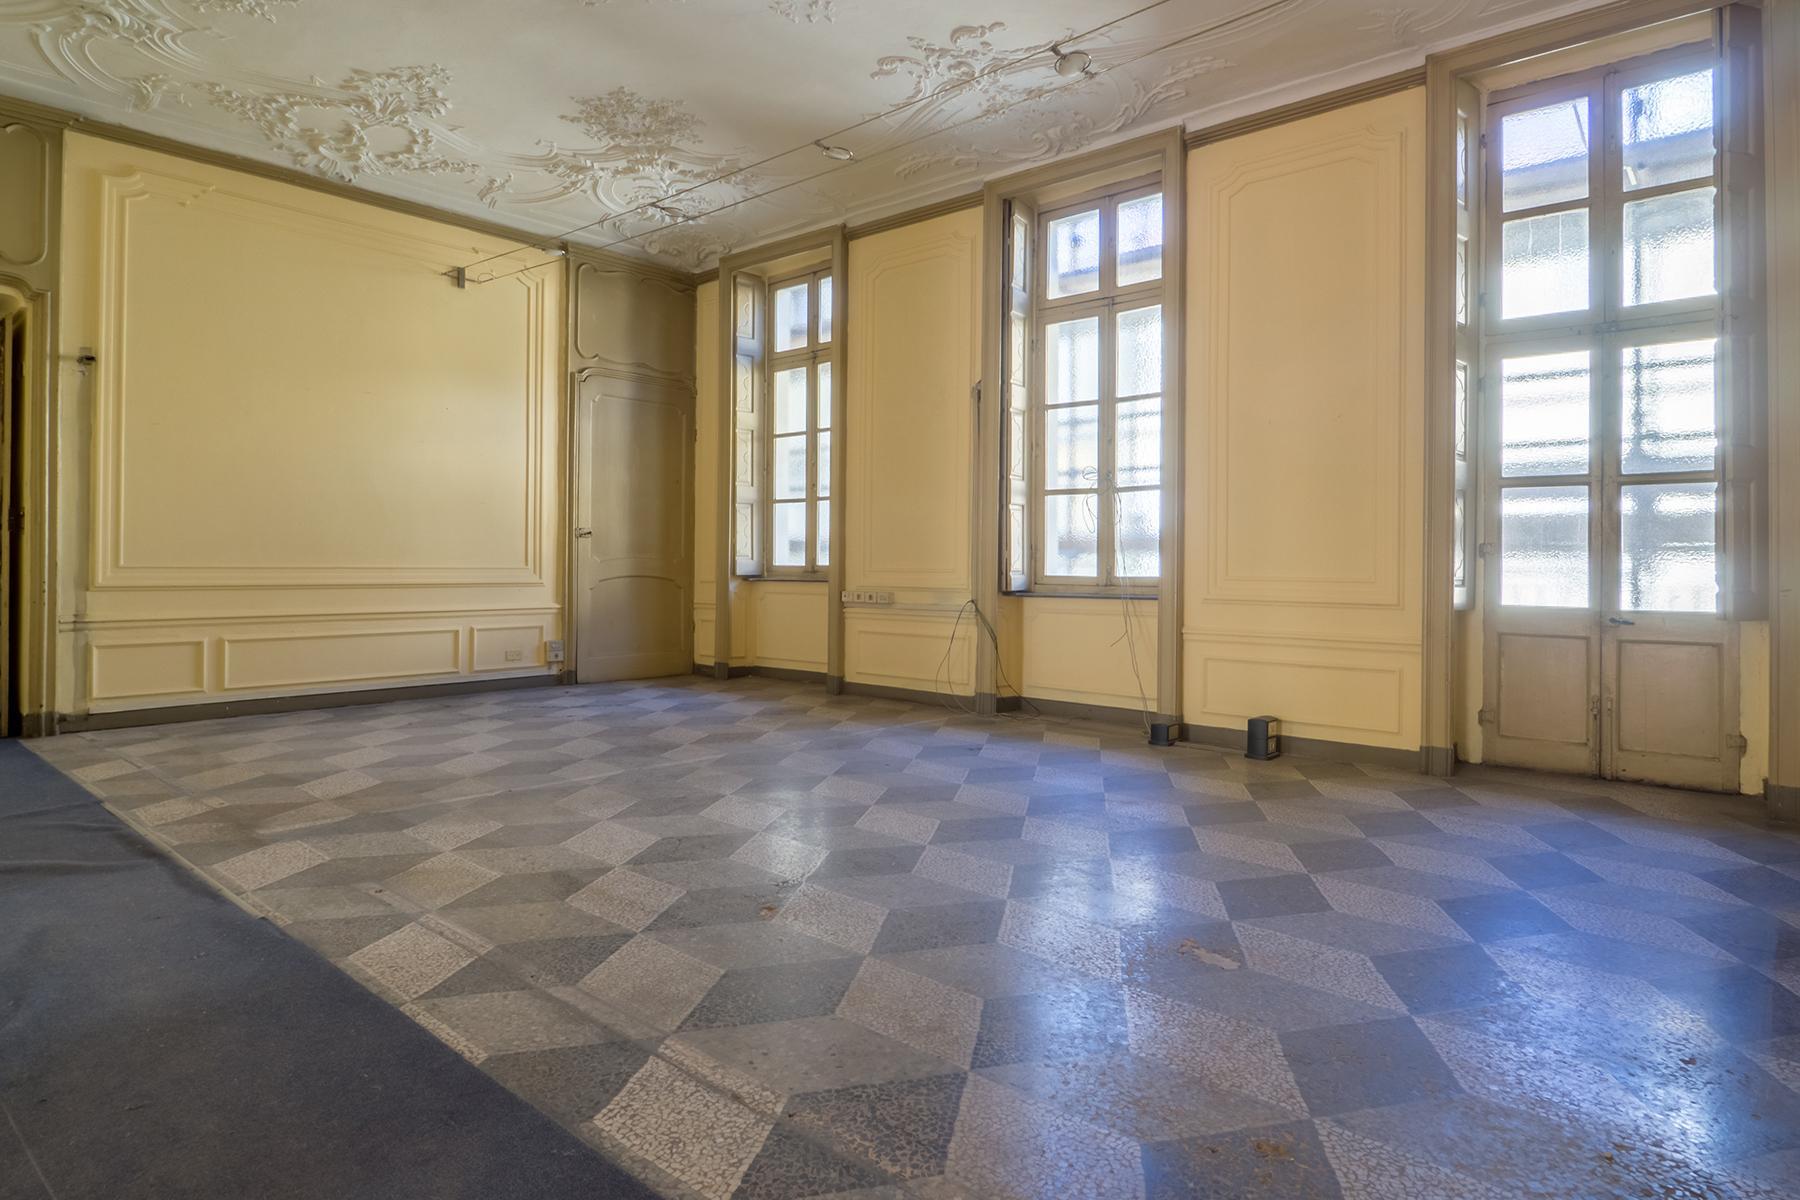 Ufficio di alta rappresentanza nel centro storico di Torino - 8